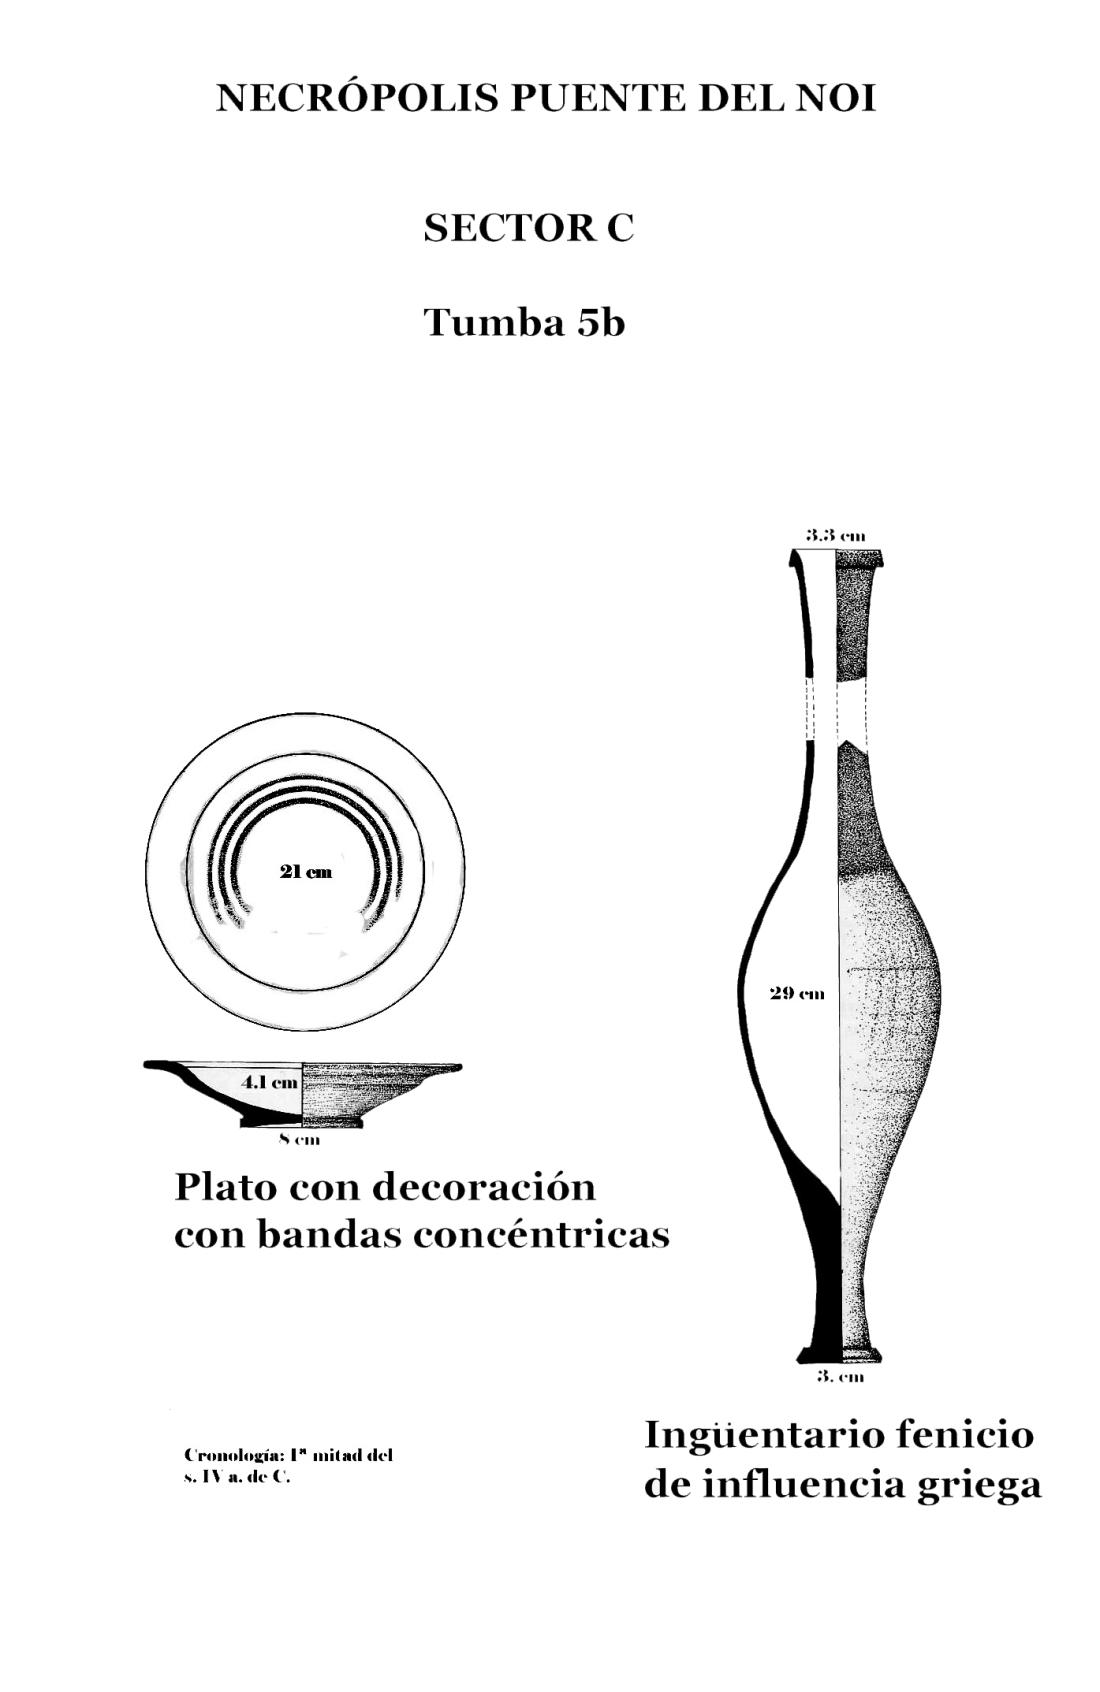 5CbPuente del Noi Tumba 5bC 1 copia